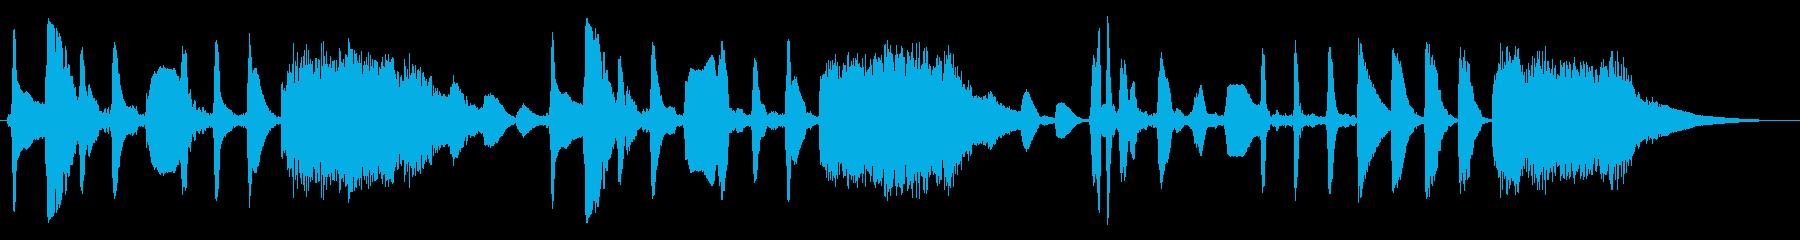 室内楽 クラシック交響曲 劇的な ...の再生済みの波形